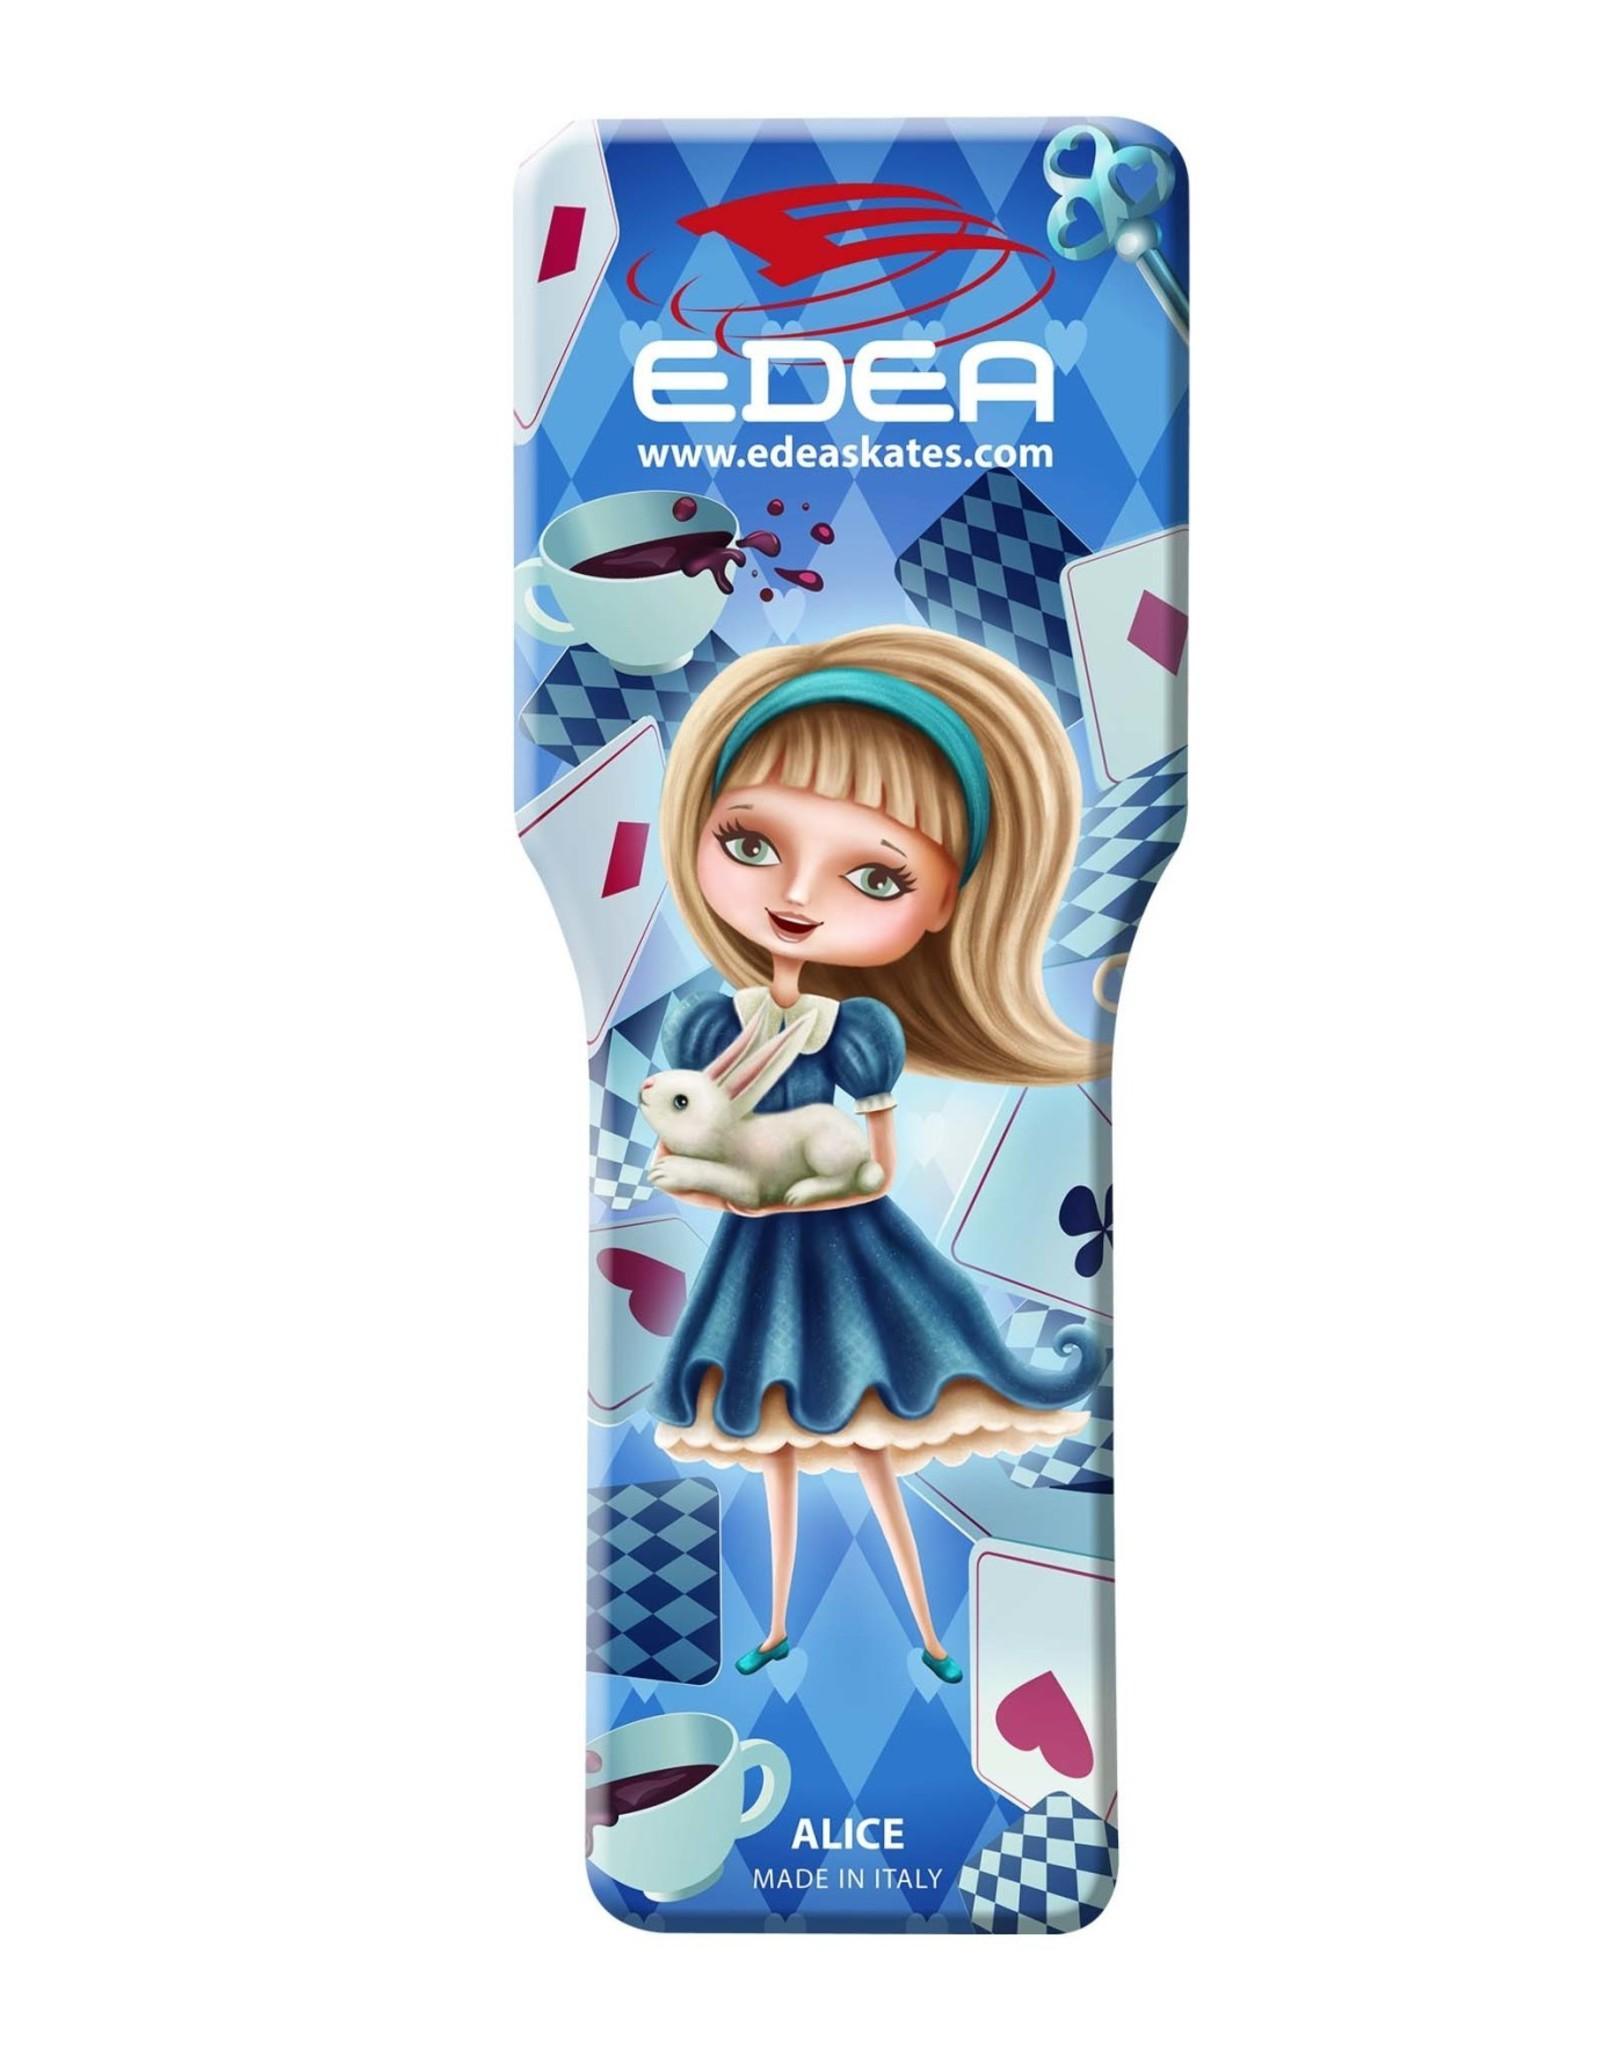 Edea NEW Spinner Edea